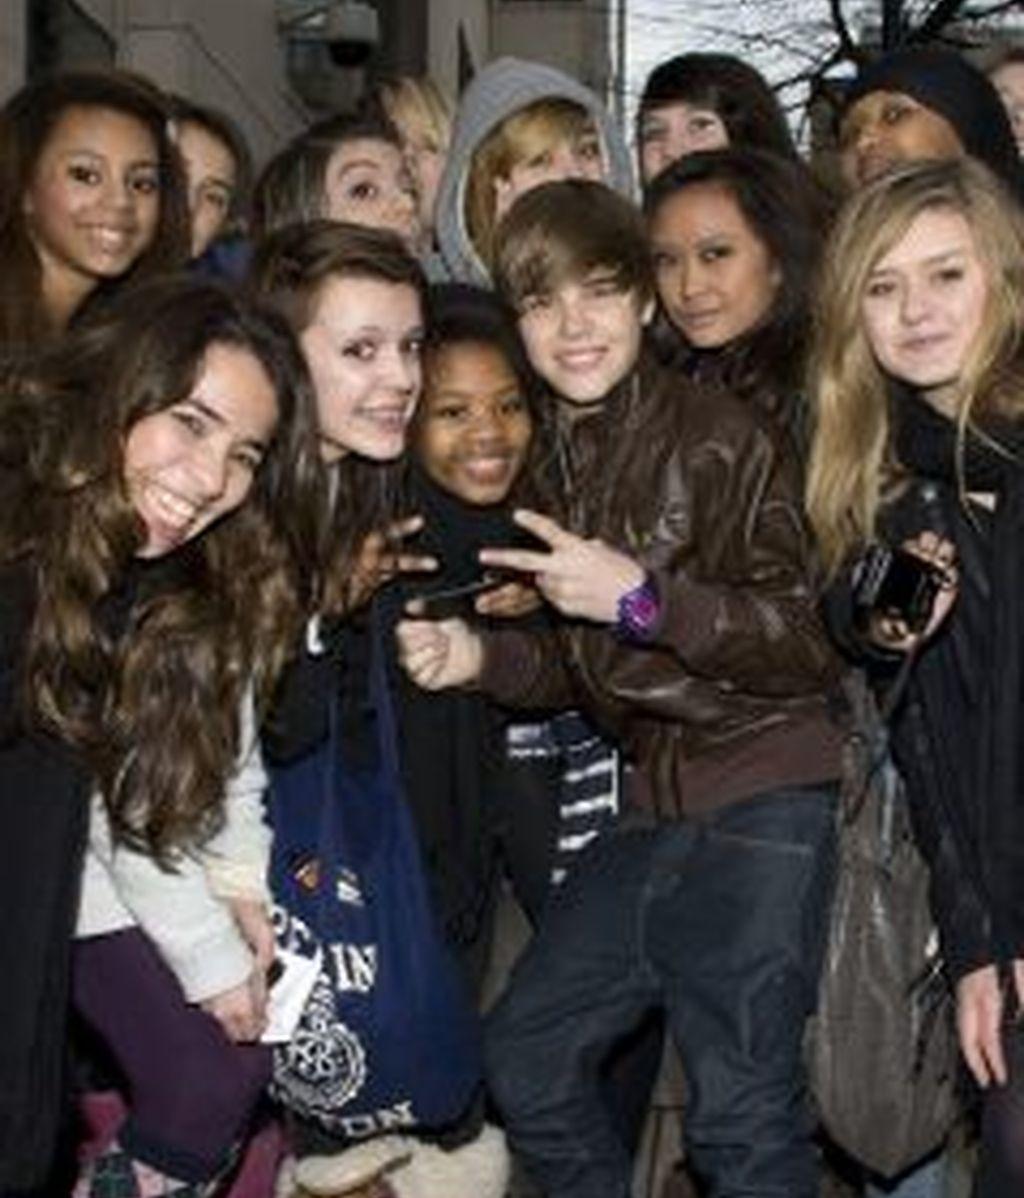 El cantante canadiense Justin Bieber es seguido por millones de fans adolescentes en todo el mundo .